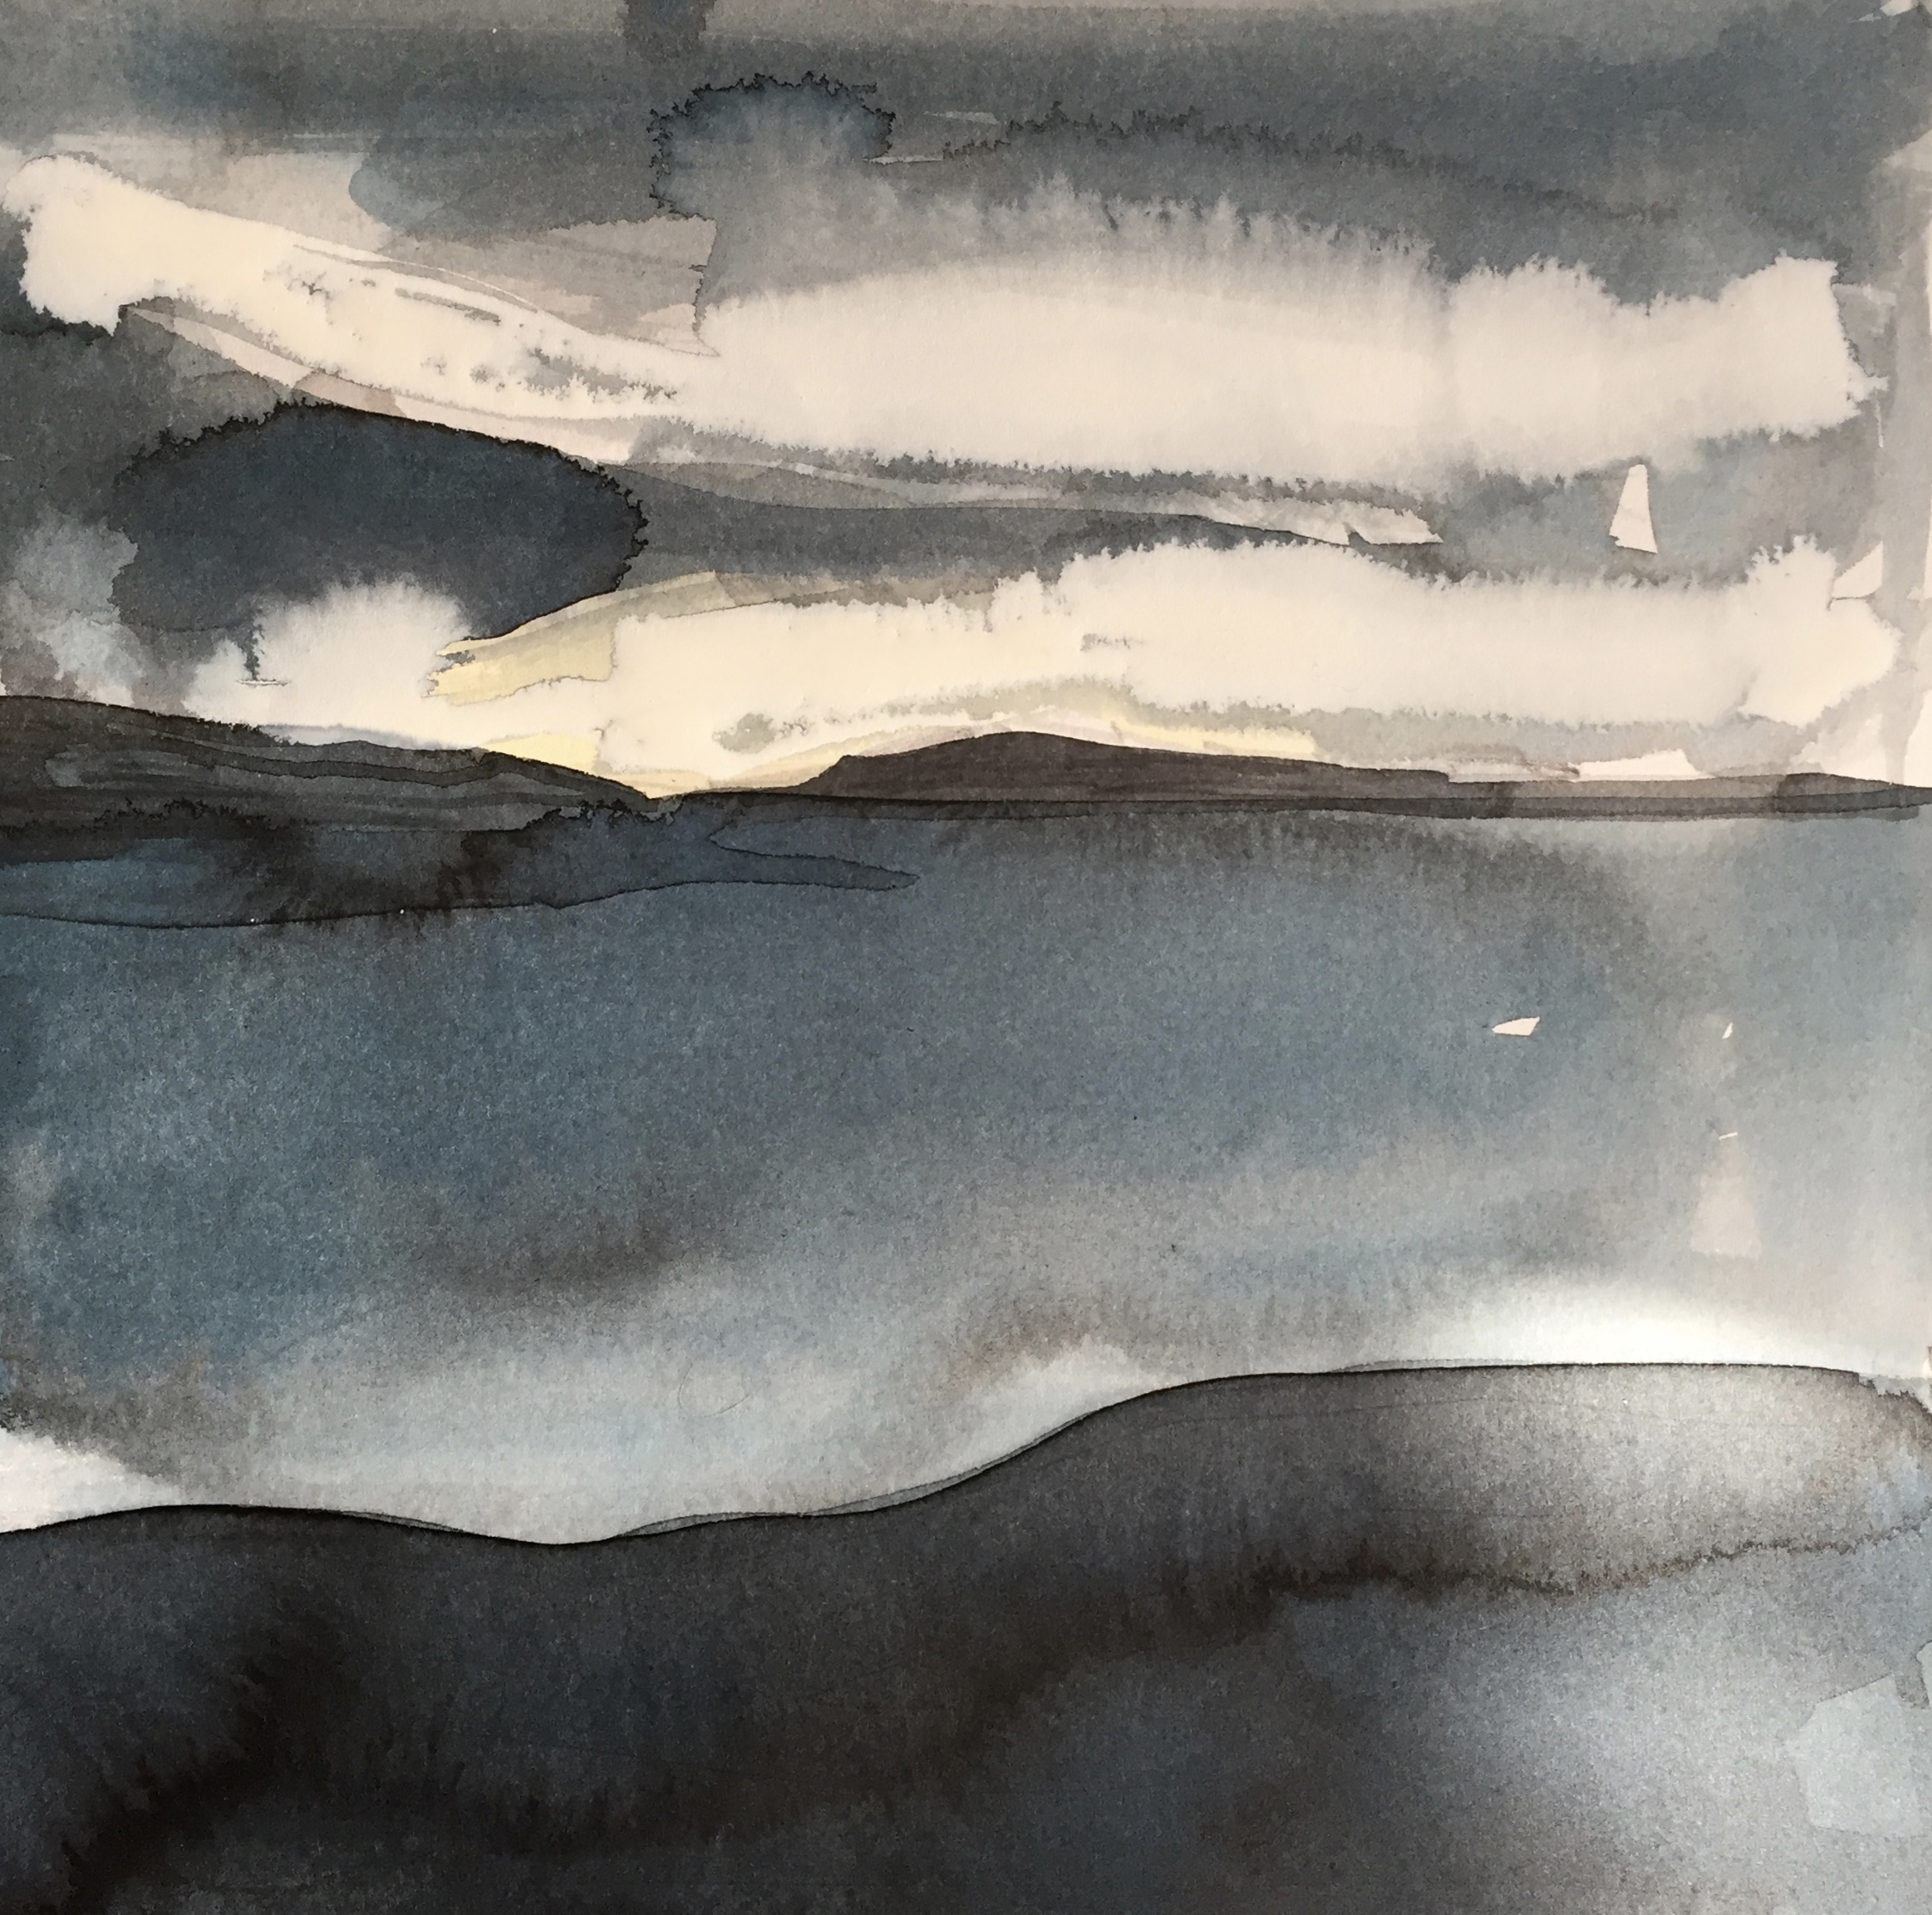 Loch na Keal 01 Winter Light